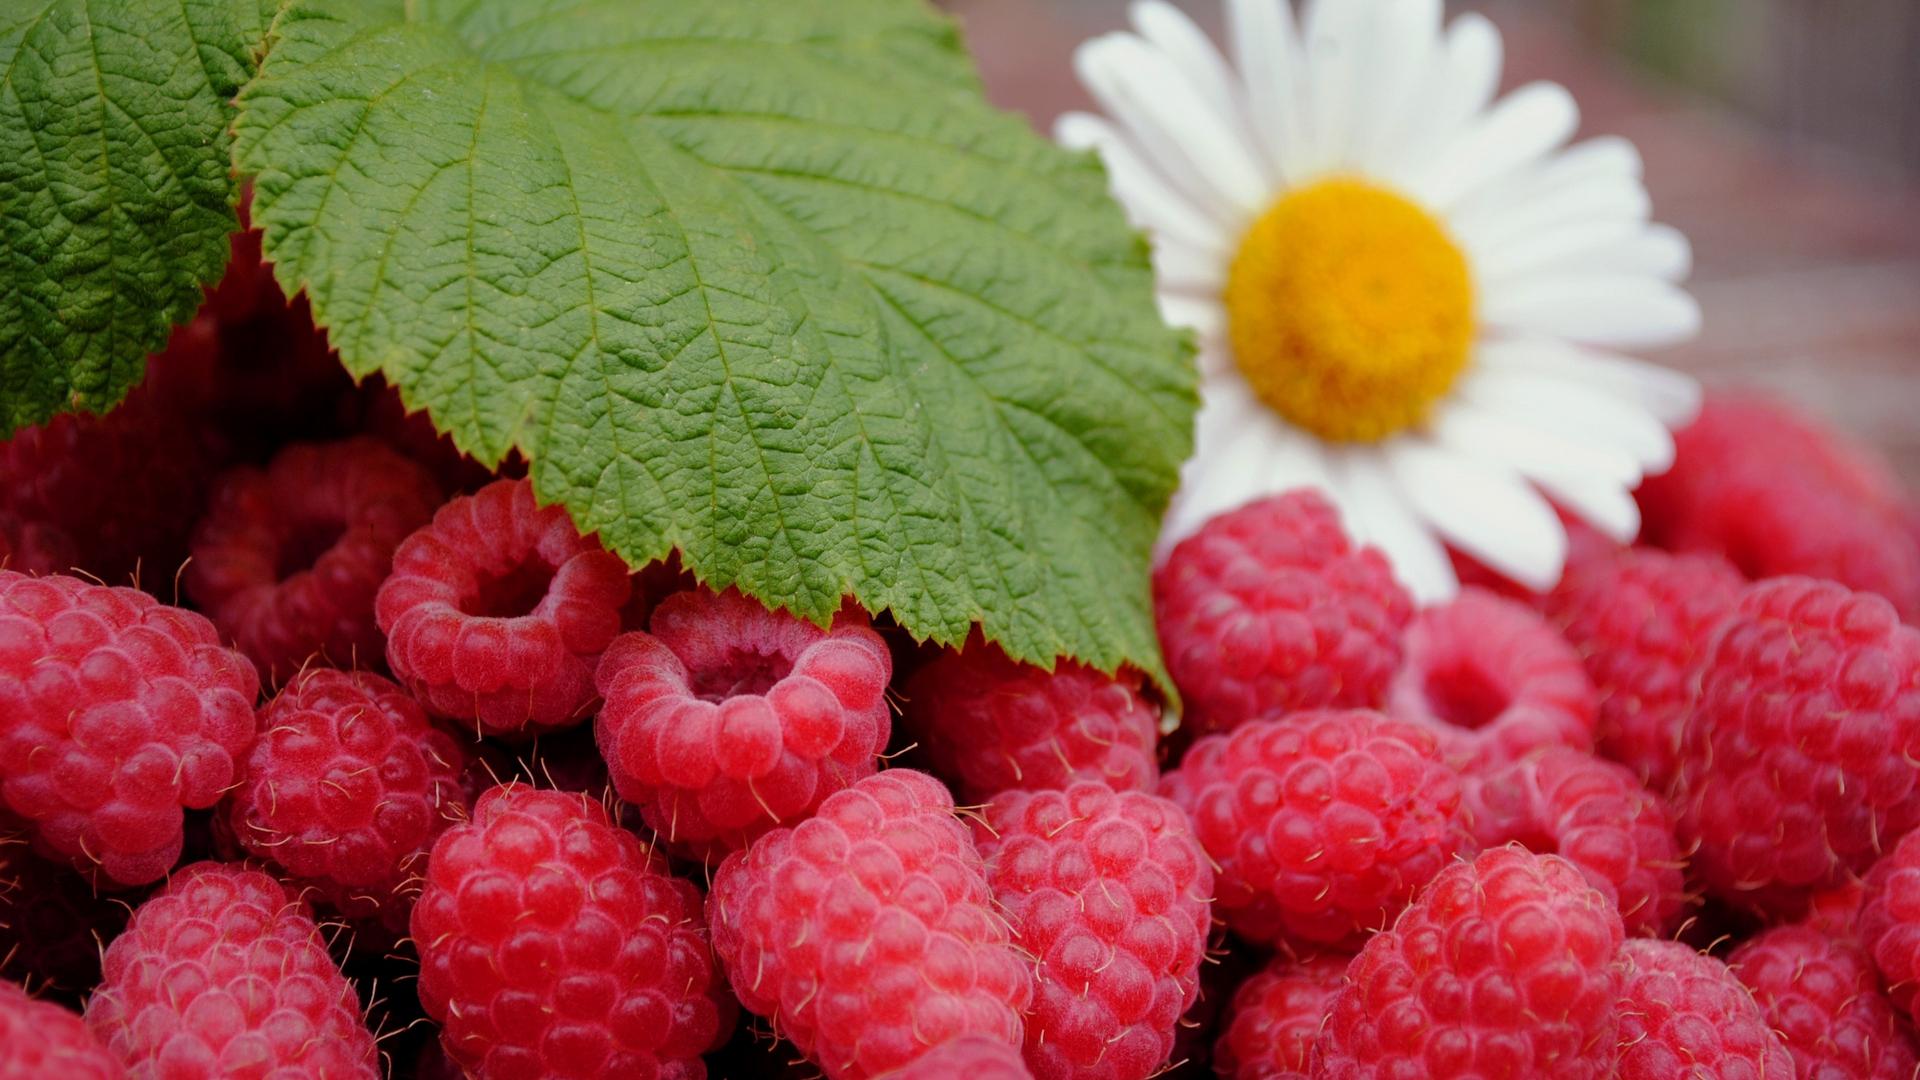 Обои для рабочего стола летние ягоды